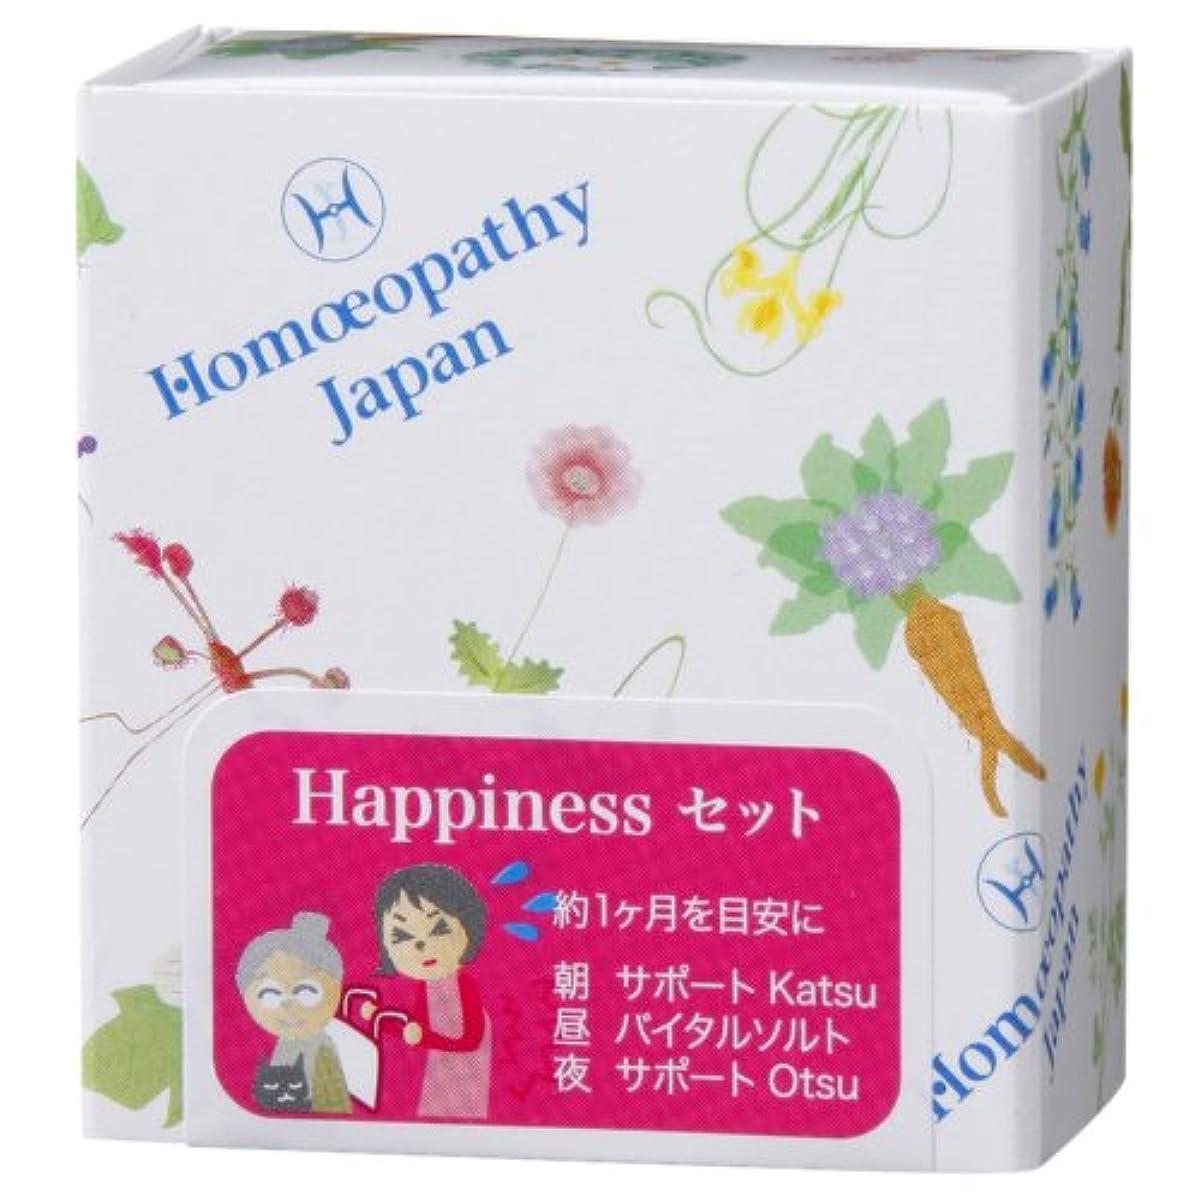 クレア伝統太字ホメオパシージャパンレメディー Happinessセット